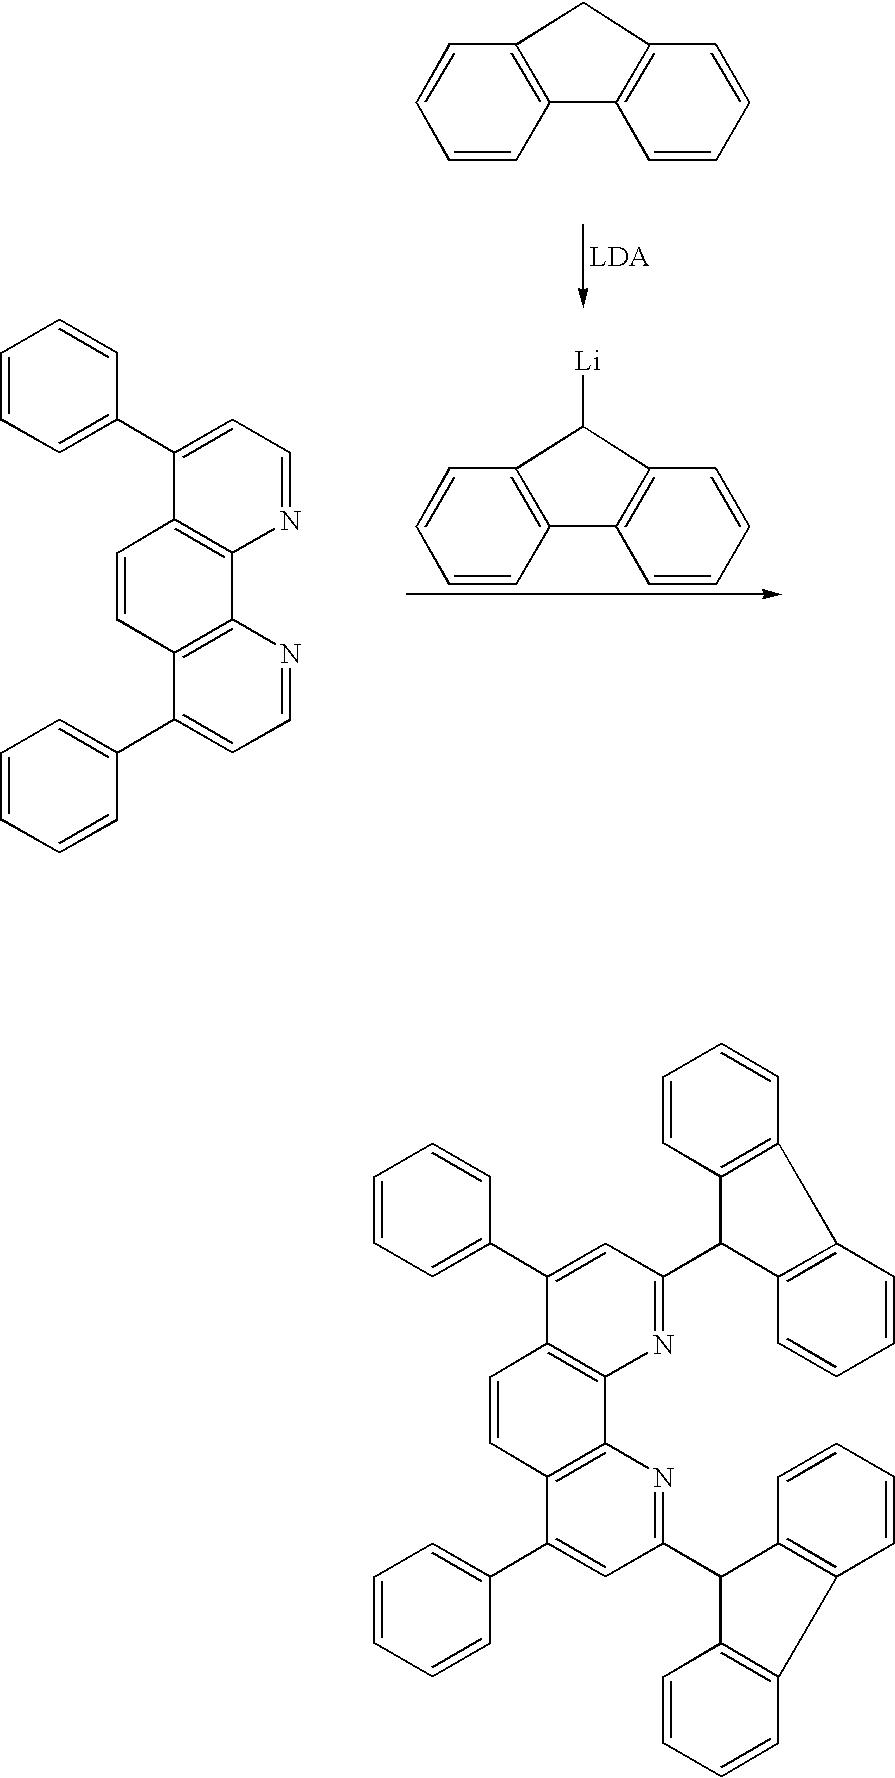 Figure US20050073641A1-20050407-C00062